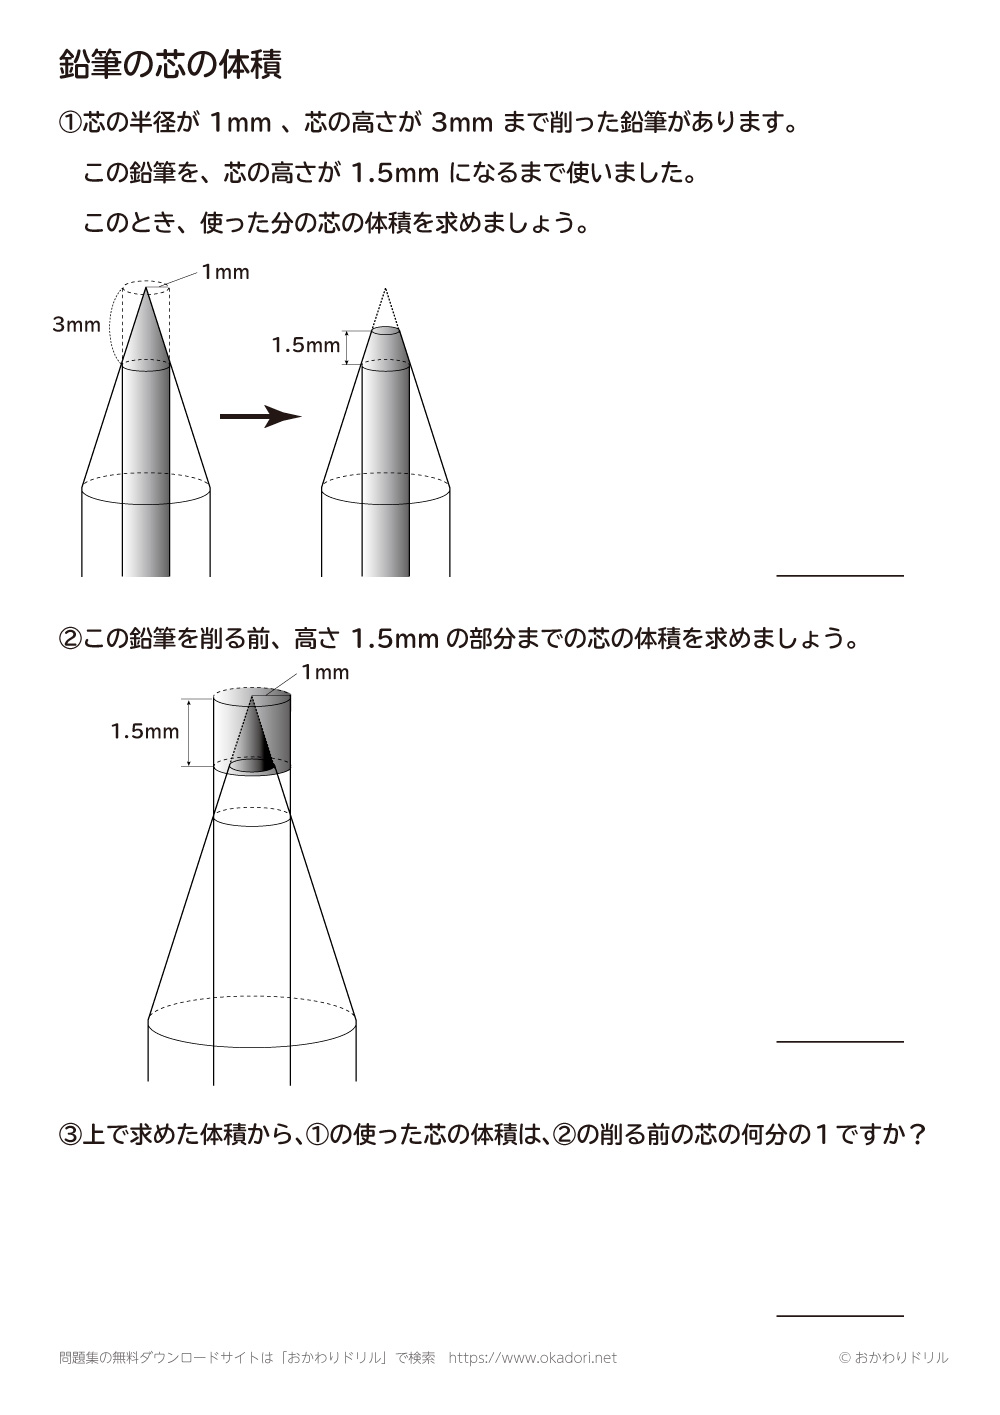 鉛筆の芯の体積の問題と答え2